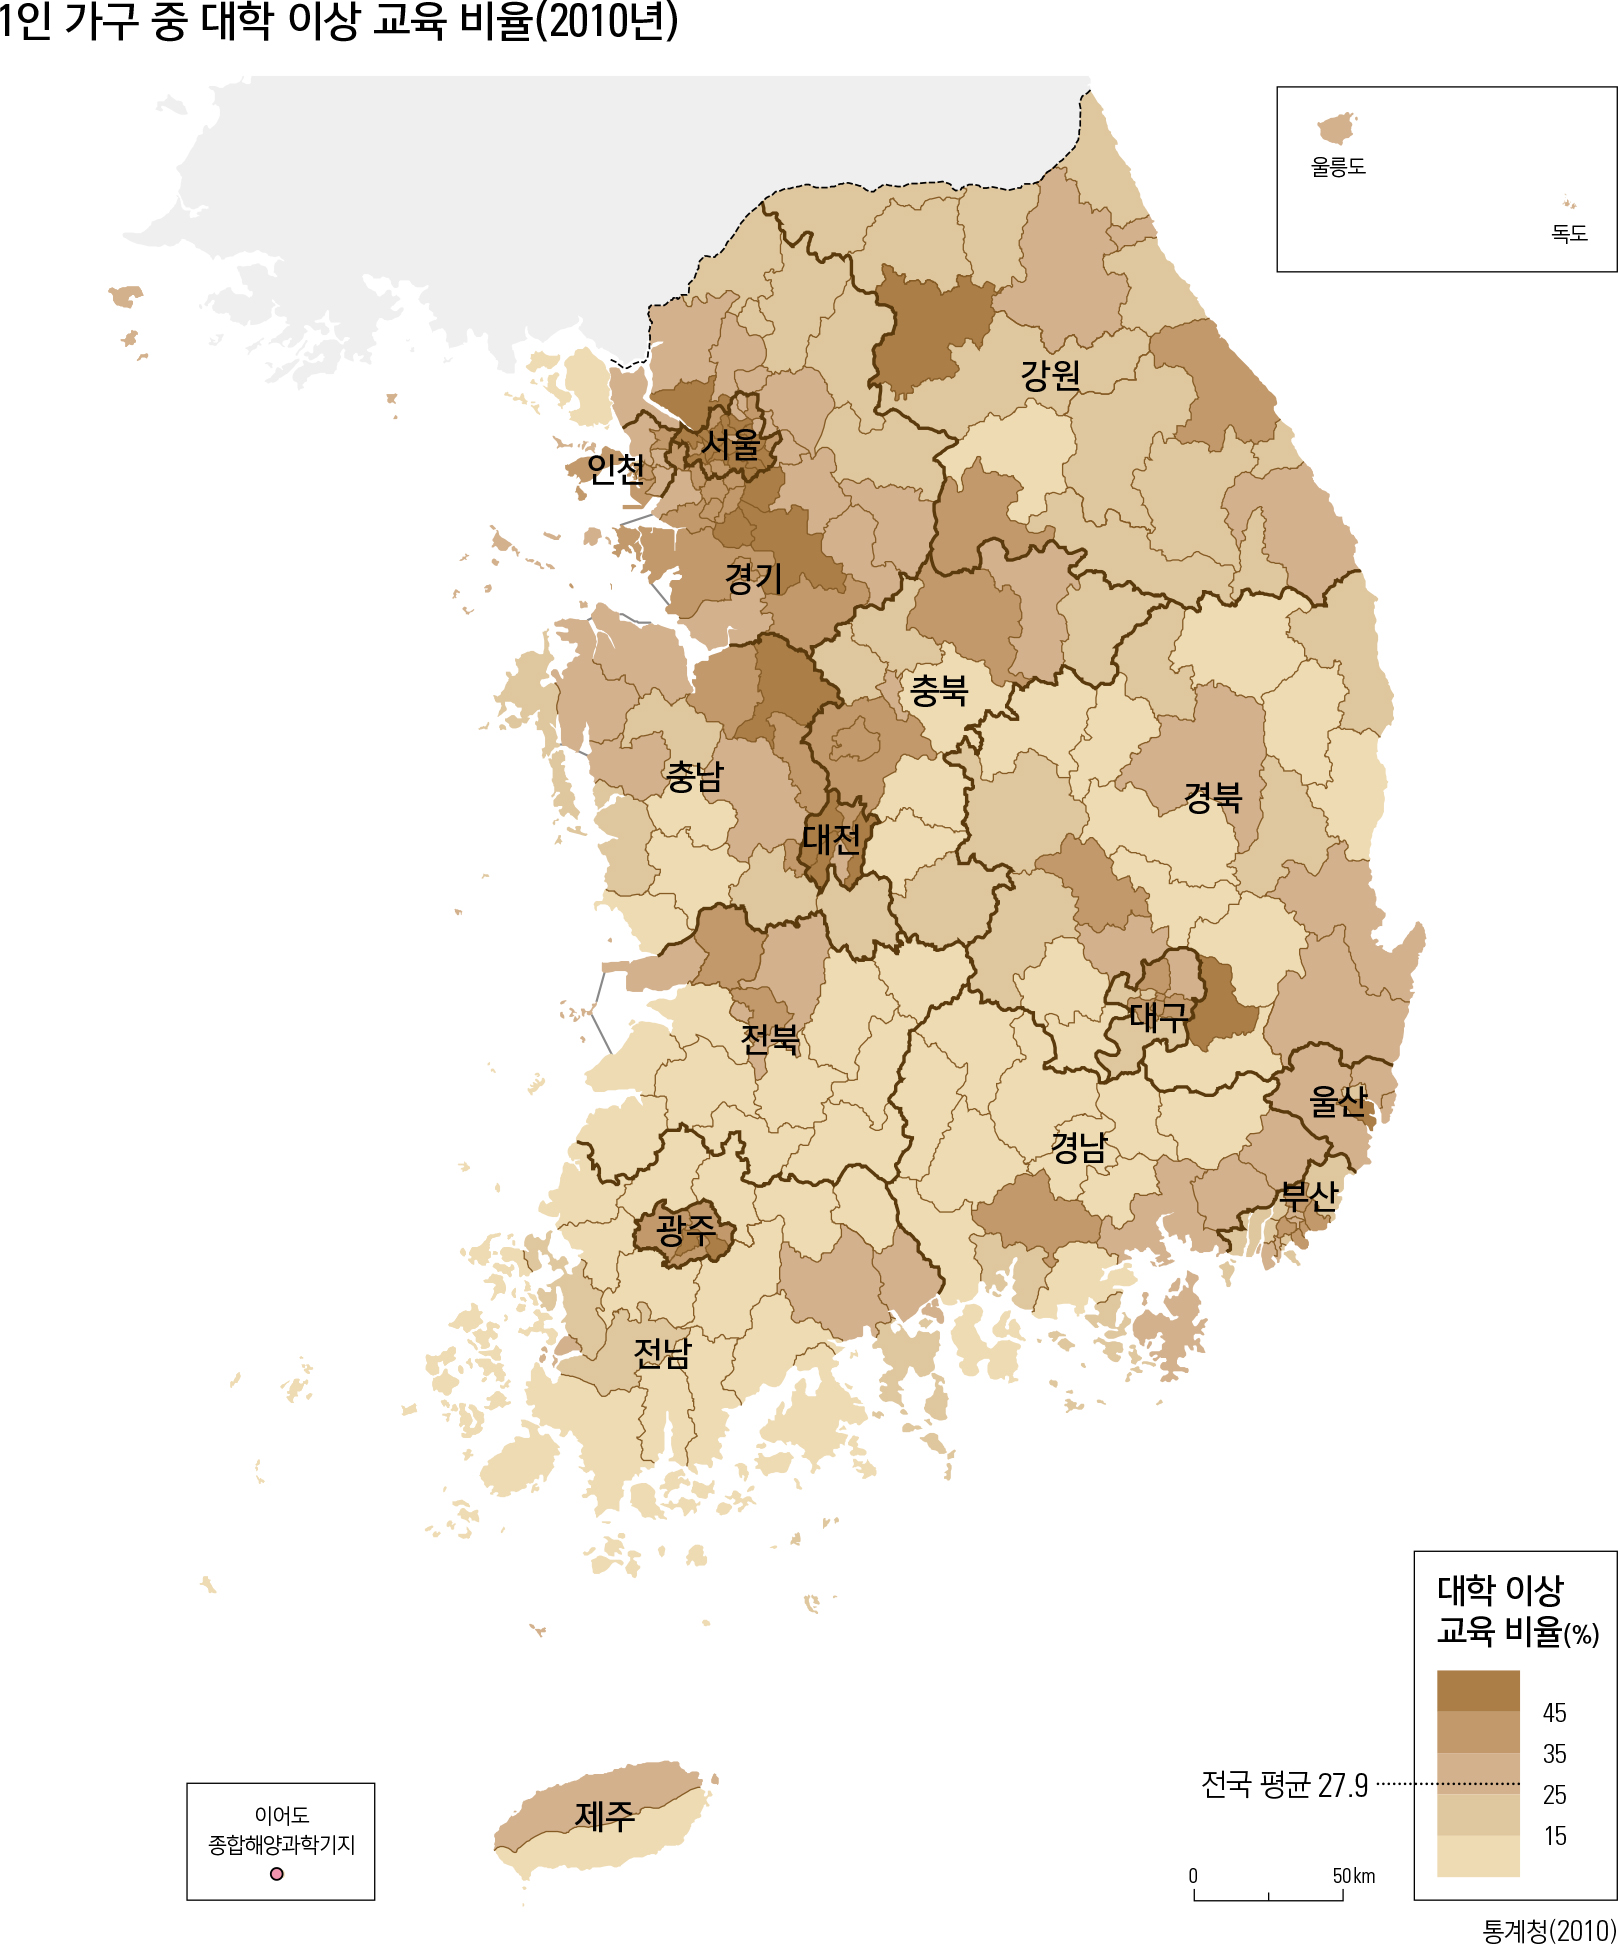 1인 가구 중 대학 이상 교육 비율(2010년)